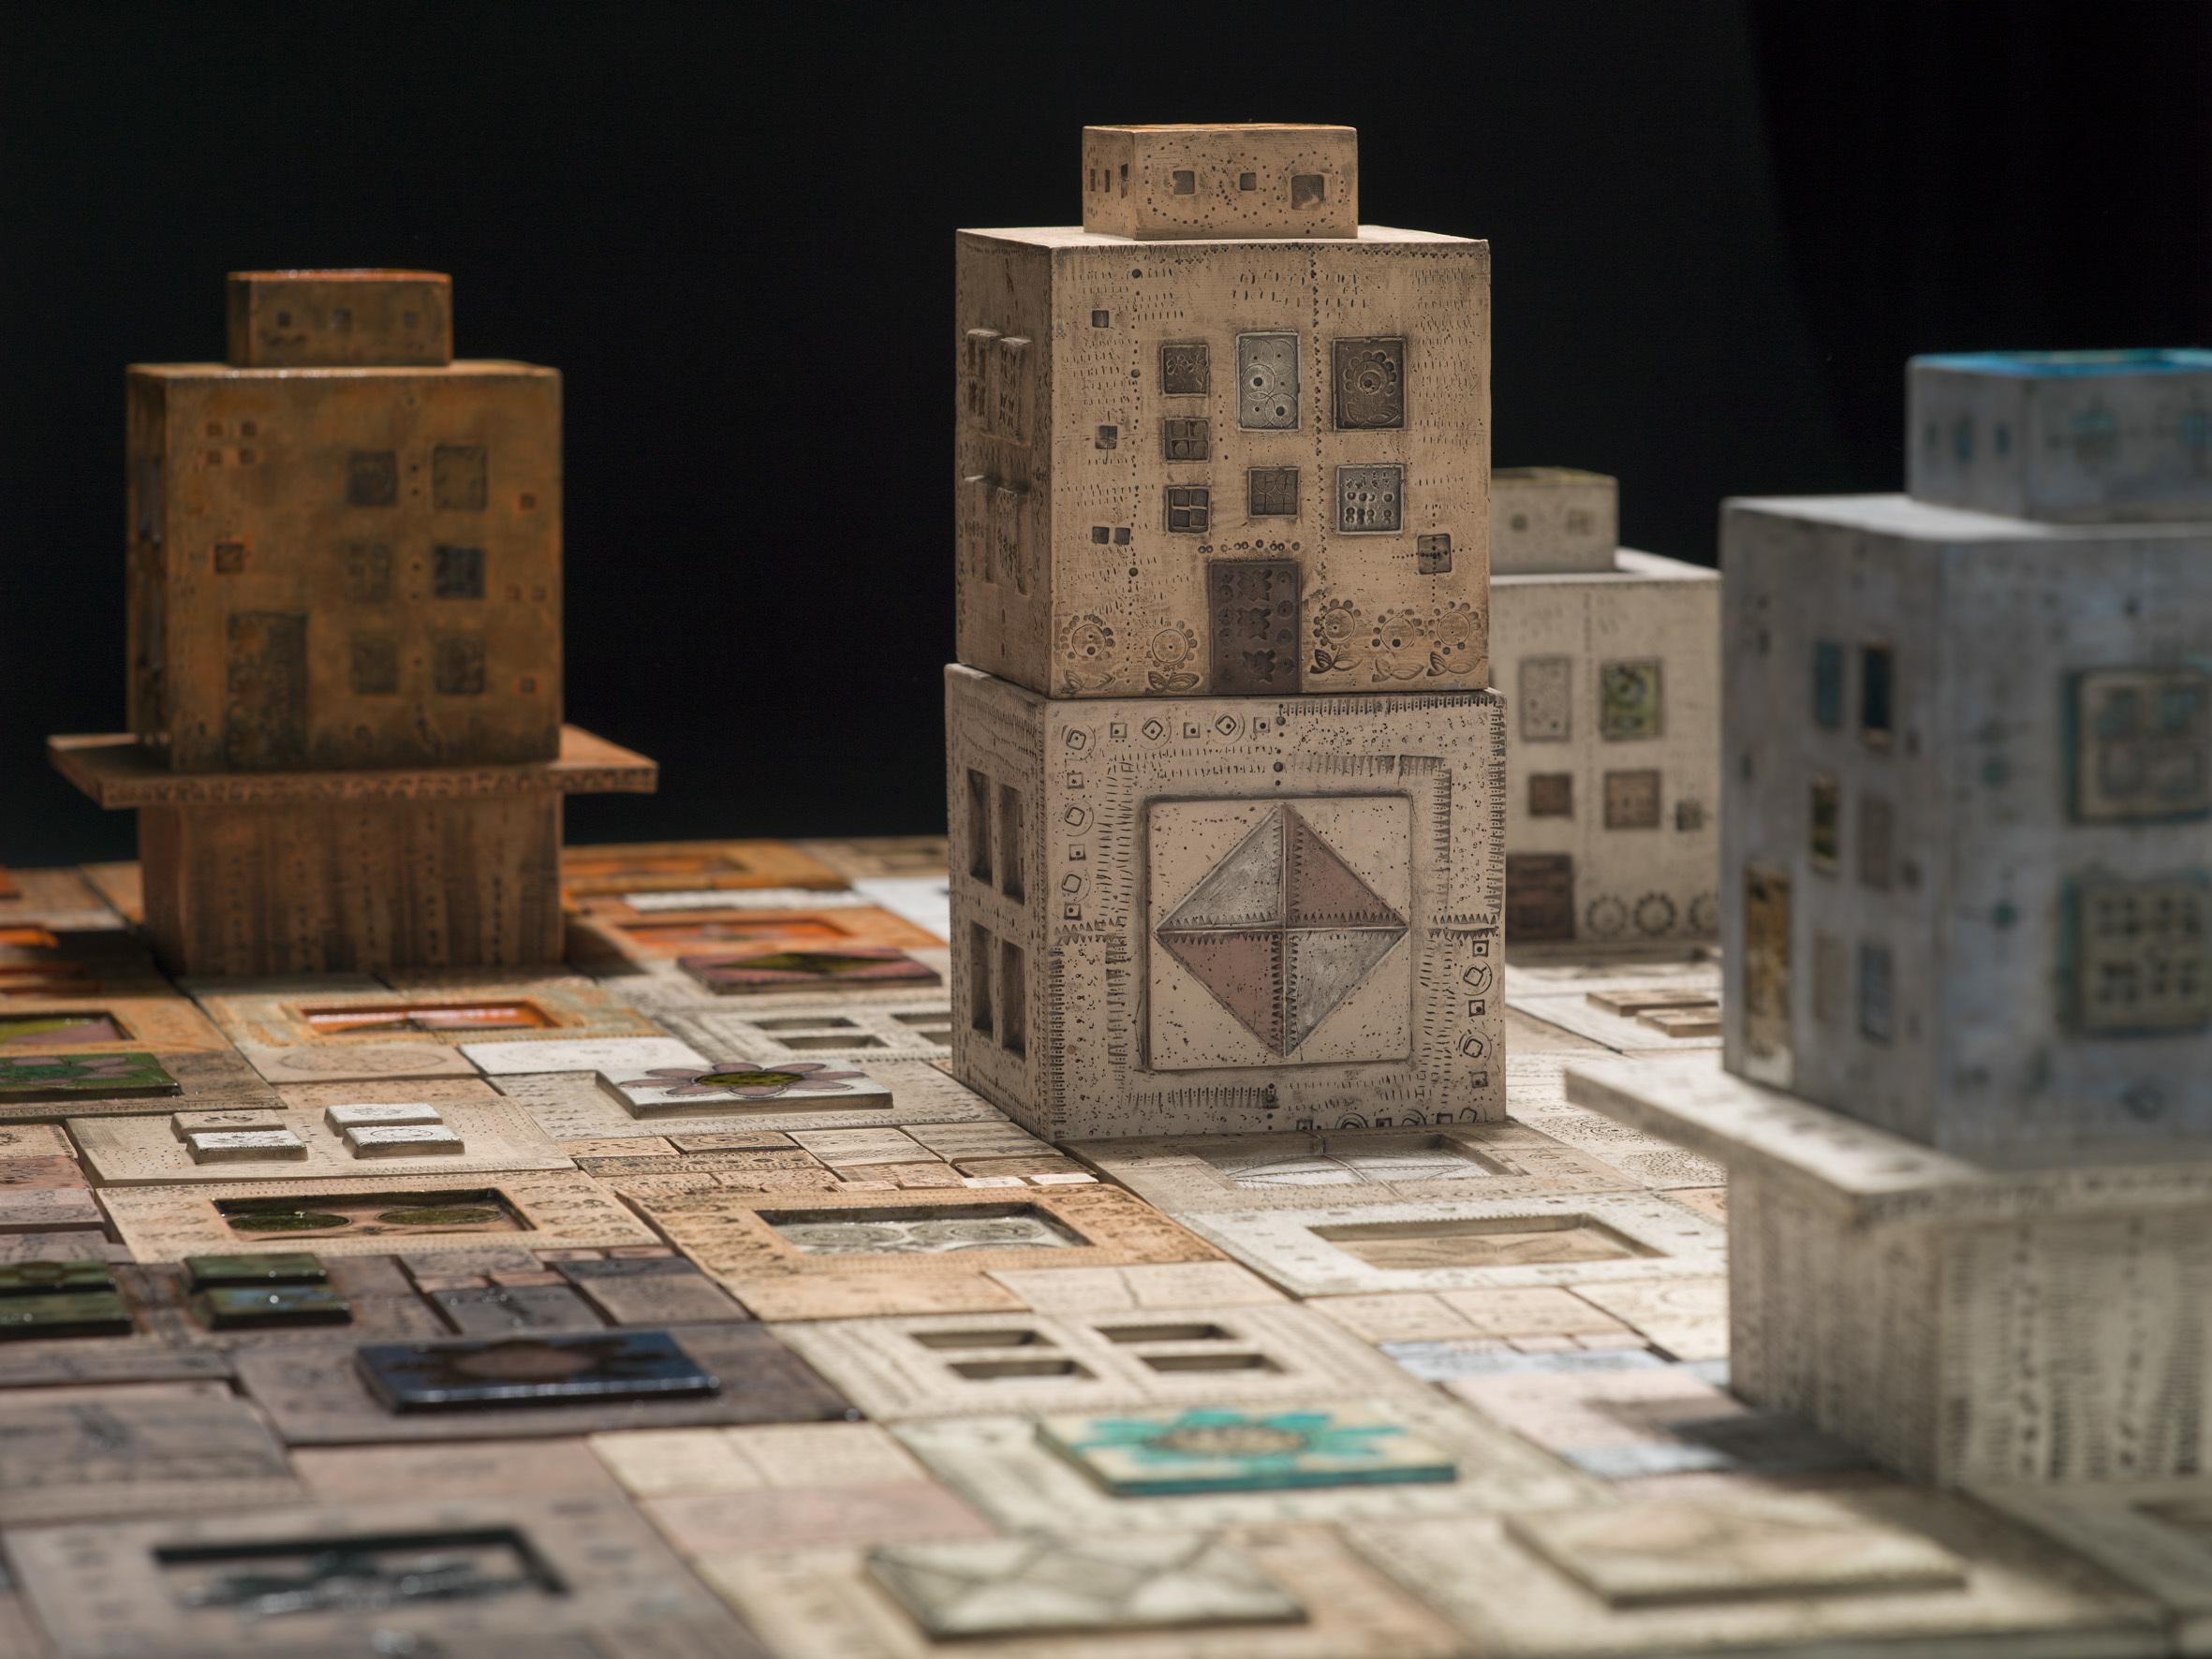 《都市》(部分)1958年、タピオ・ヴィルカラ ルート・ブリュック財団蔵 Tapio Wirkkala Rut Bryk Foundation's Collection / EMMA – Espoo Museum of Modern Art  (C)KUVASTO, Helsinki & JASPAR, Tokyo, 2018 C2531